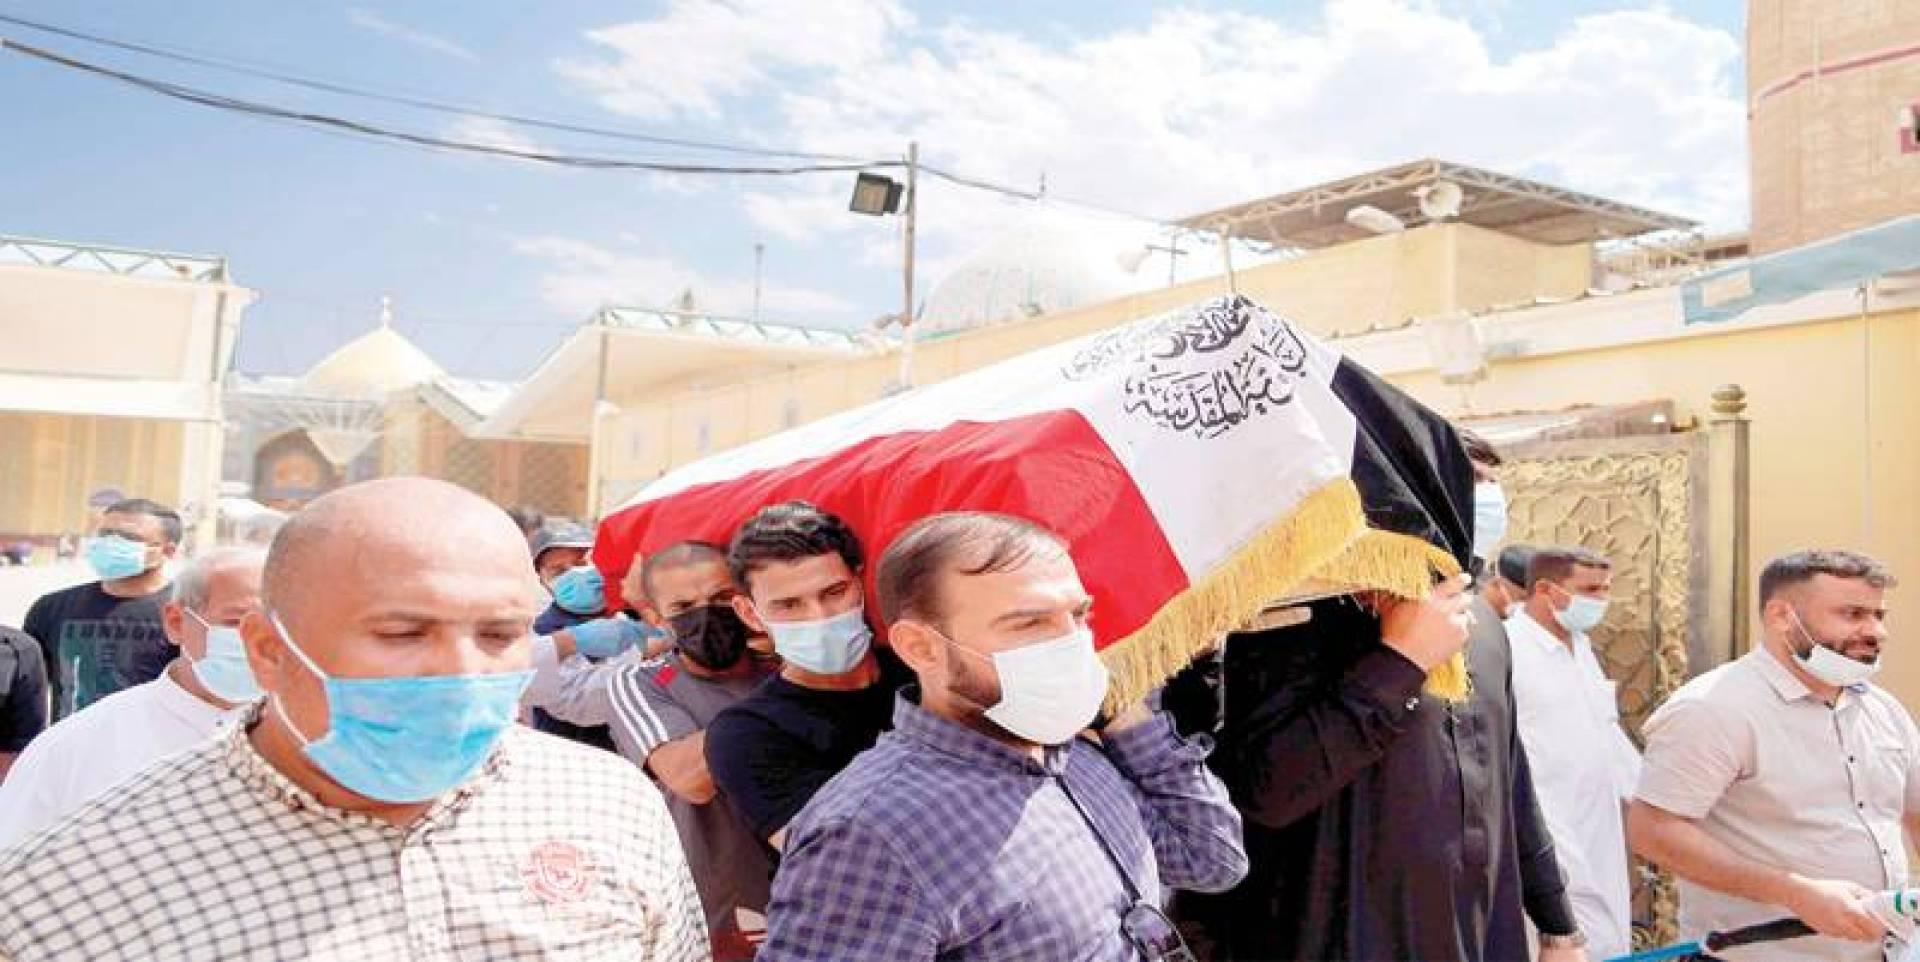 مشيعون يحملون نعش الهاشمي خلال جنازته في مدينة النجف أمس (رويترز)